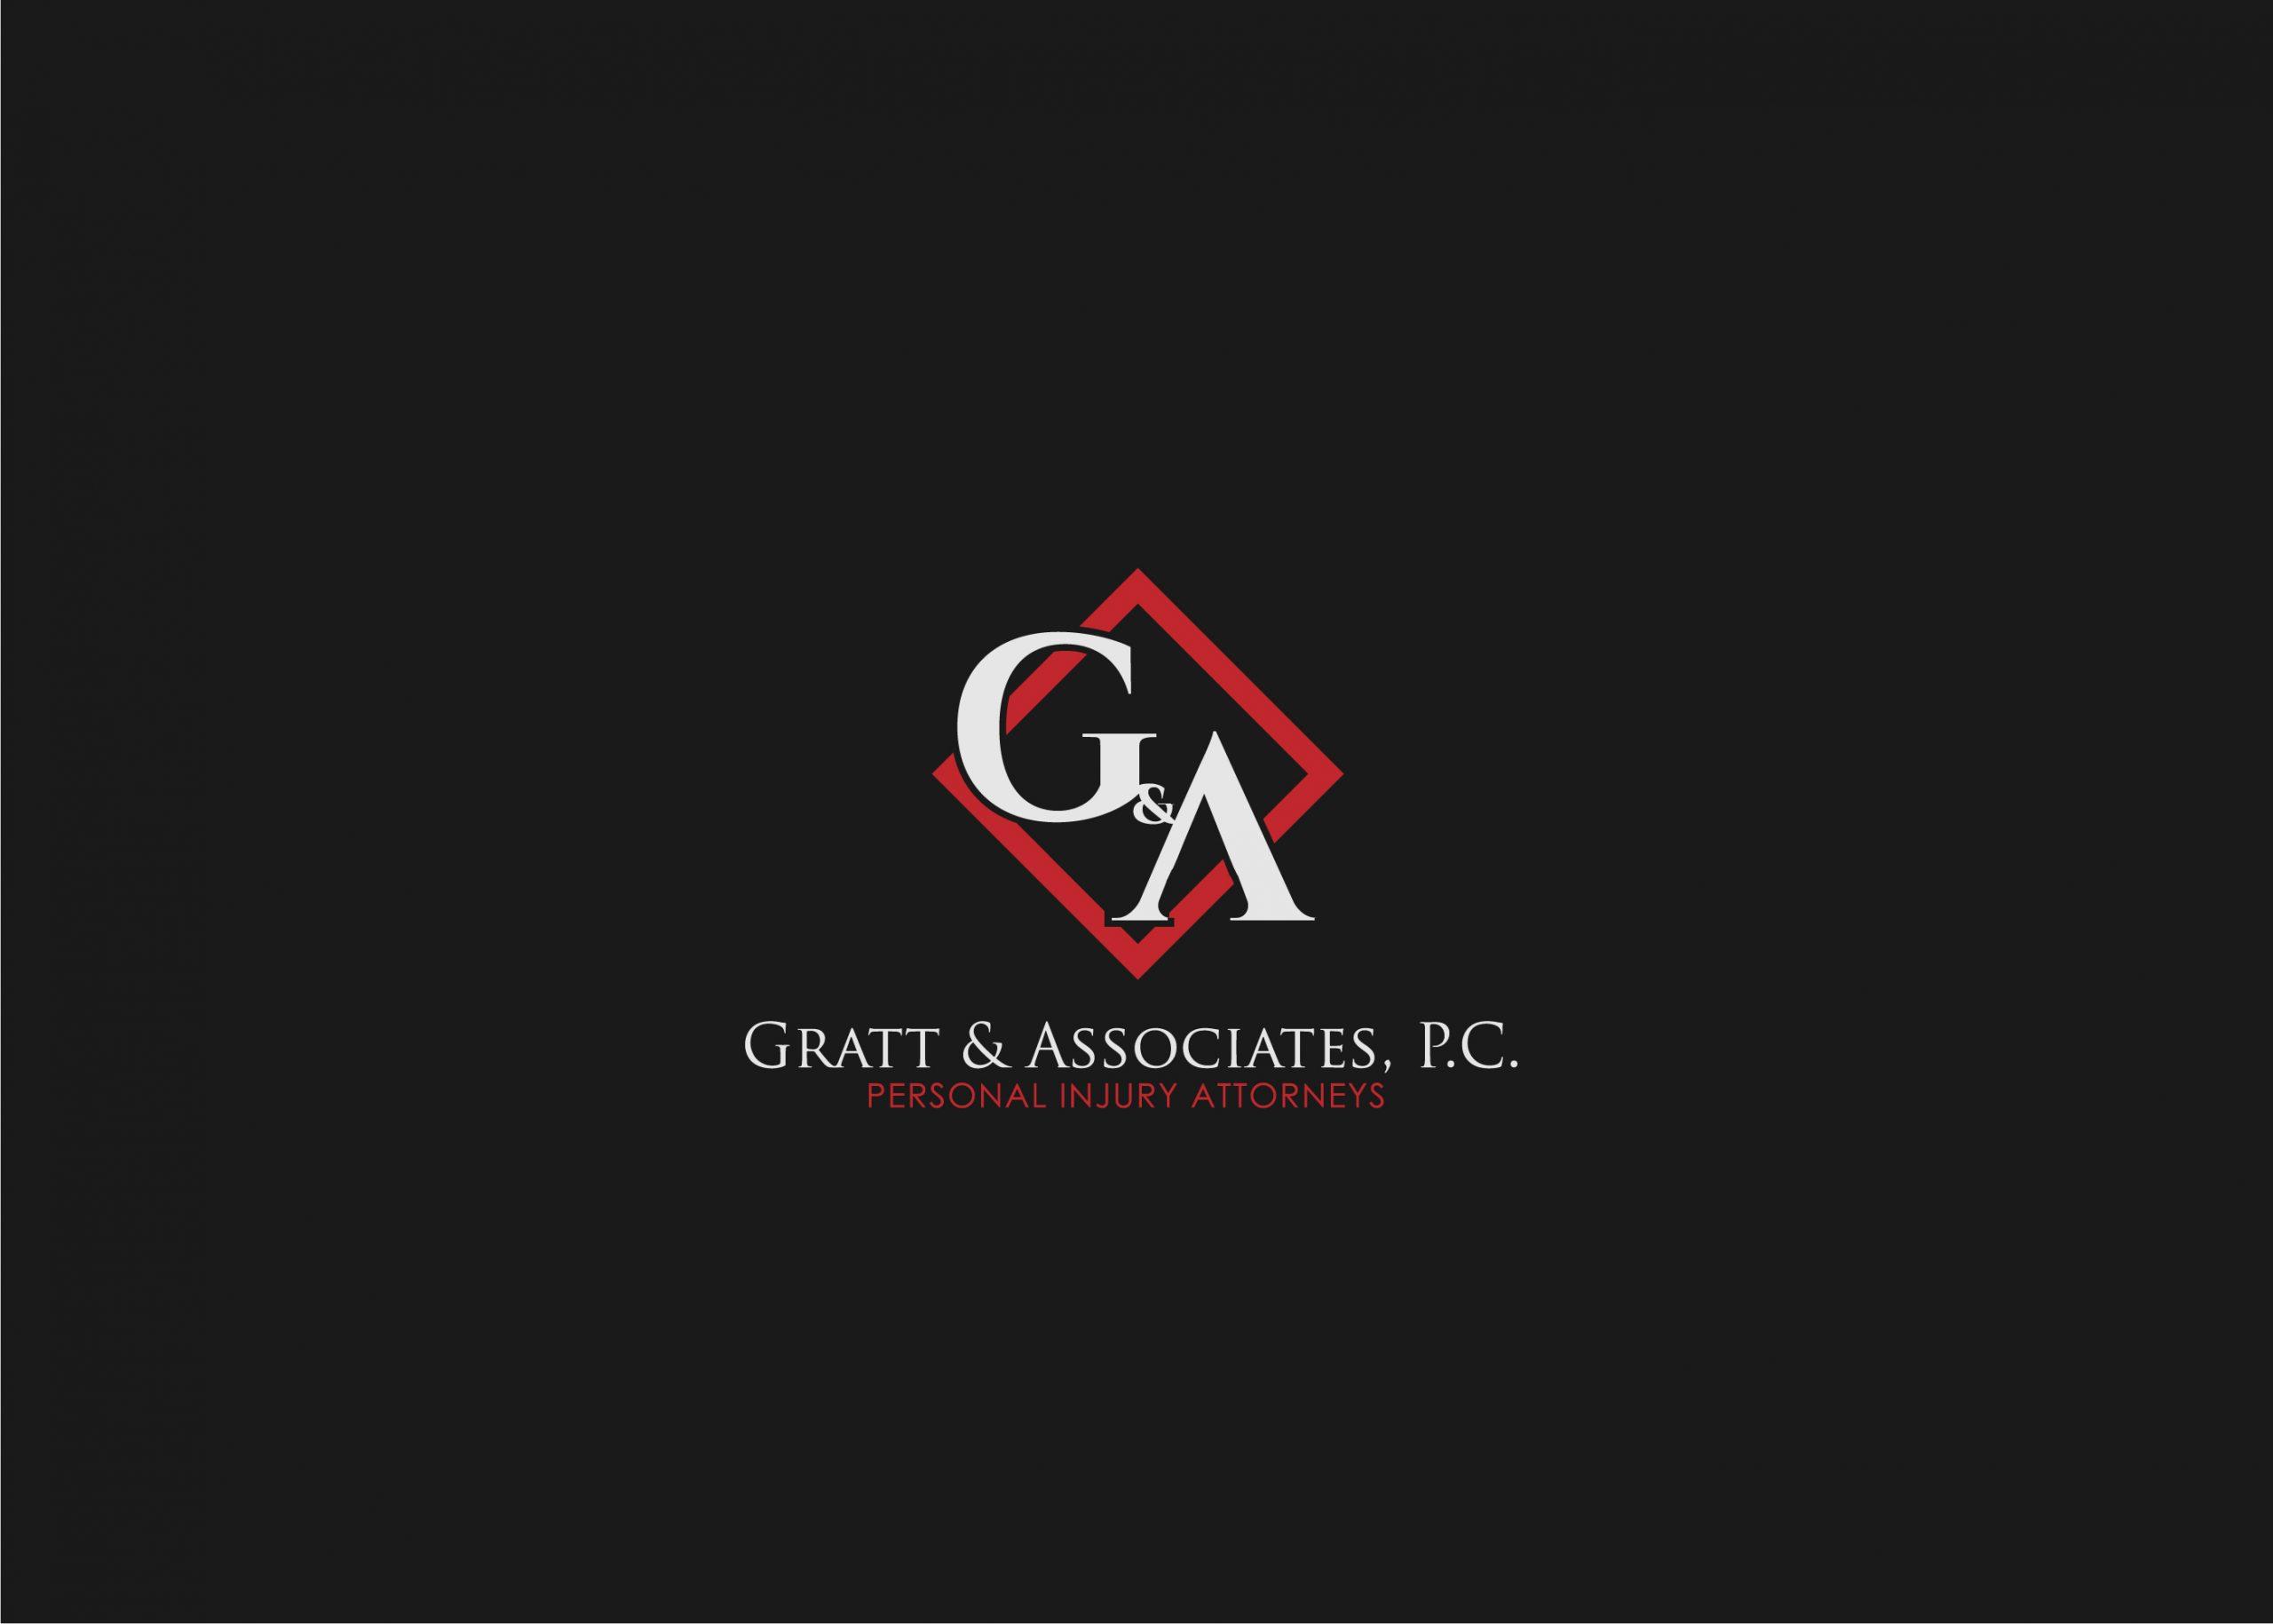 Kevin Gratt & Associates, P.C.